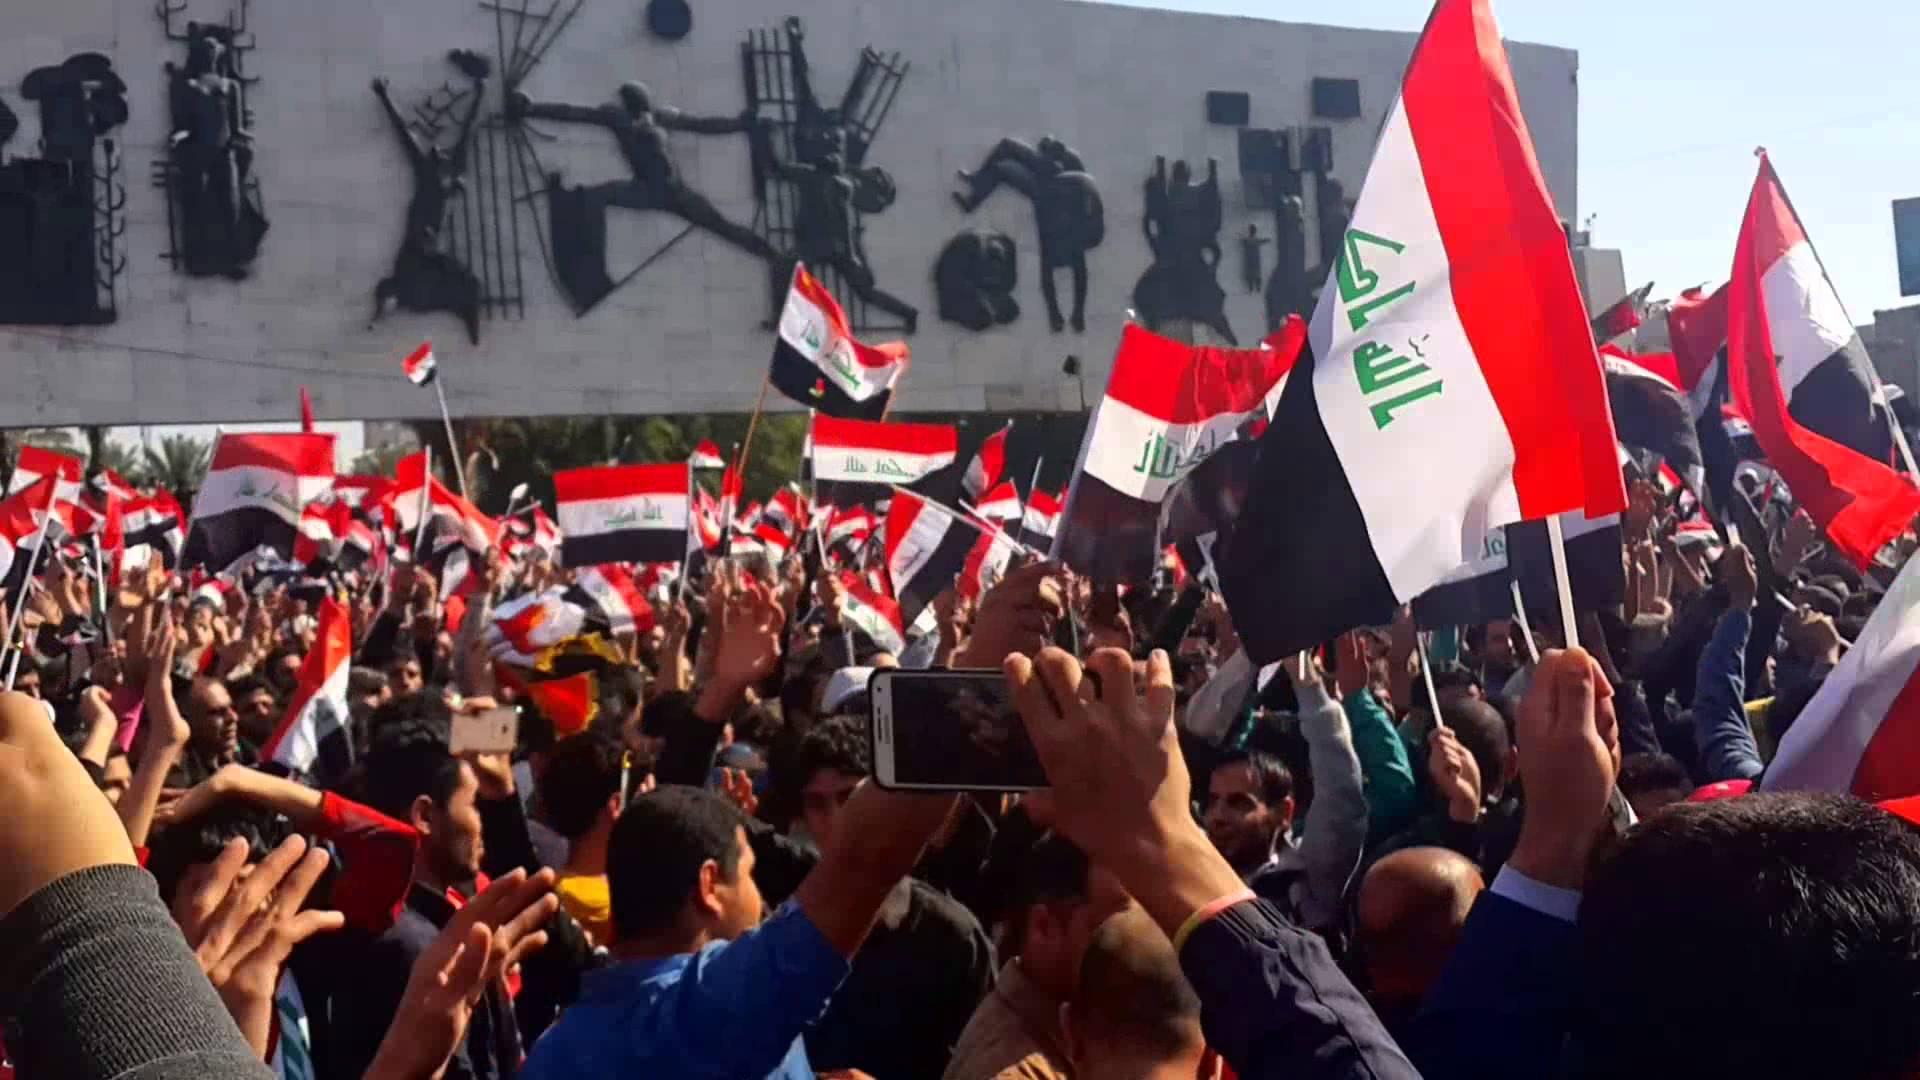 زعيم الجماعة الاسلامية الكردية يدعو المتظاهرين الى الاقتداء بالتيار الصدري